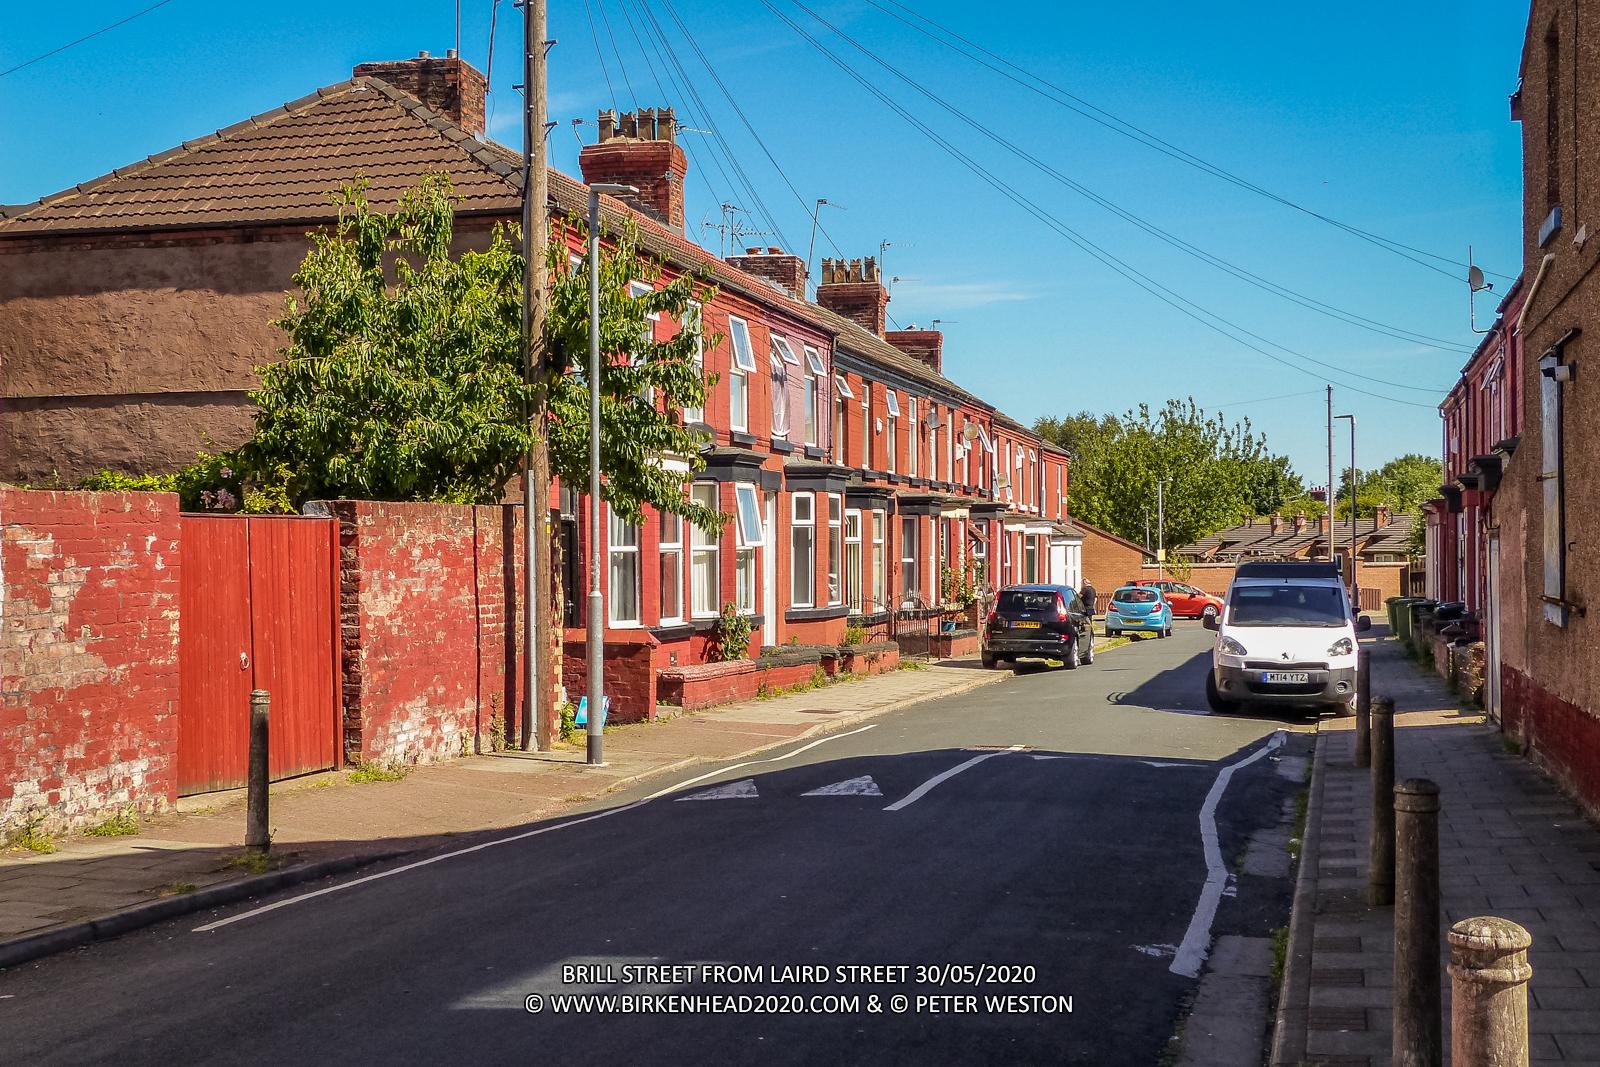 Brill Street